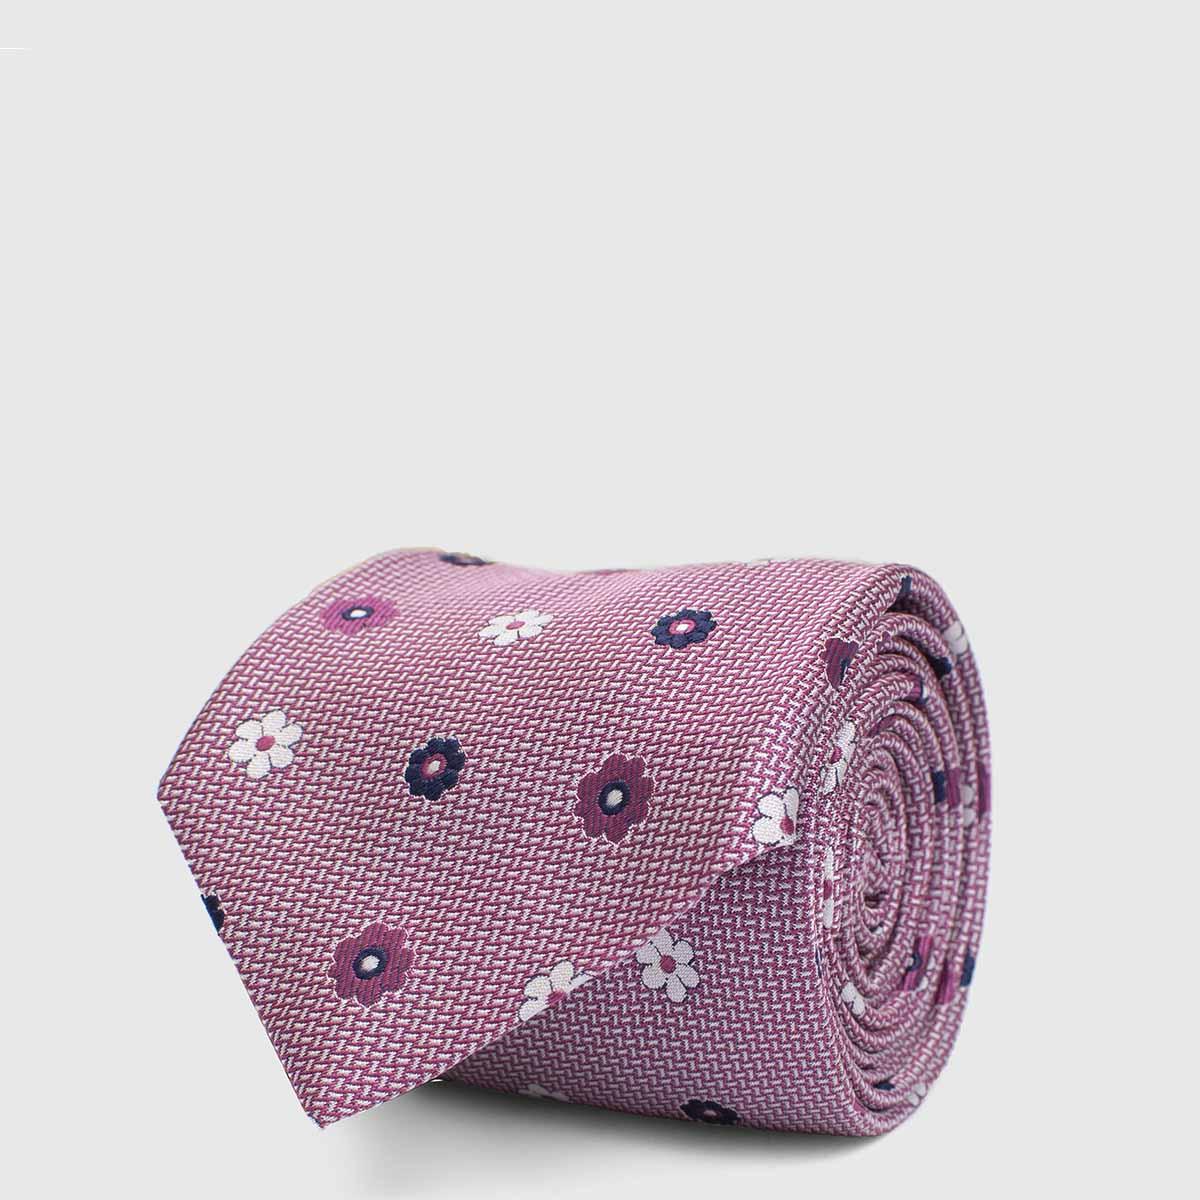 Cravatta 5 pieghe in Seta Jaquard con fiori iconici